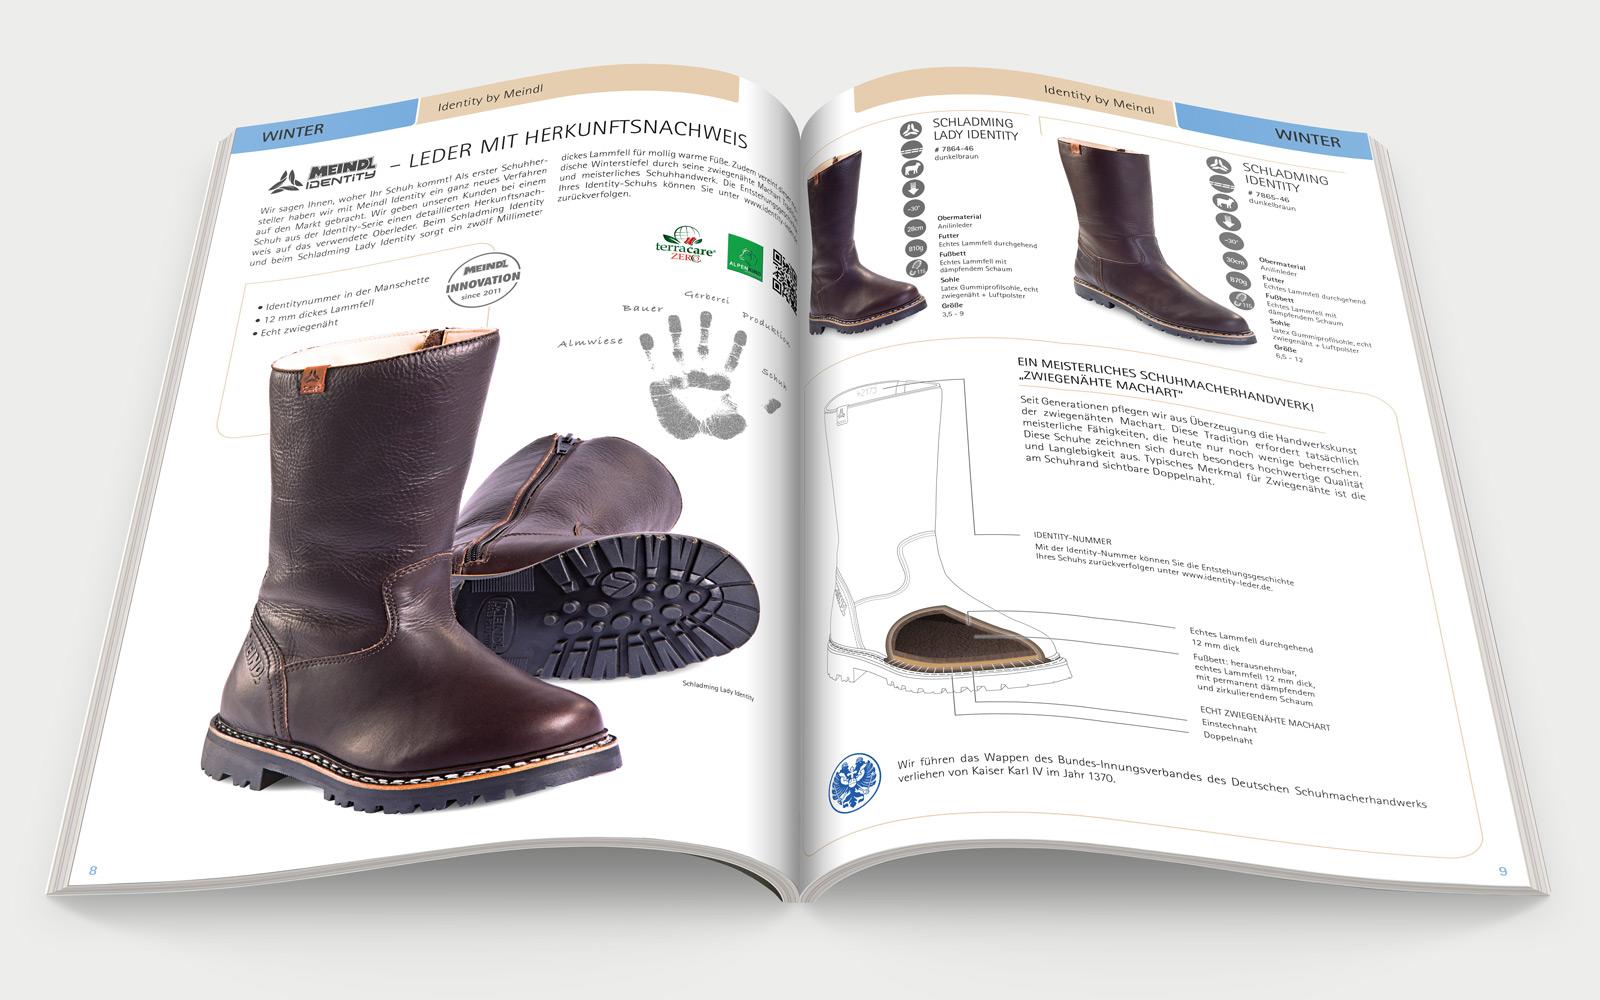 Meindl Katalog Kollection 2014 Innenseite